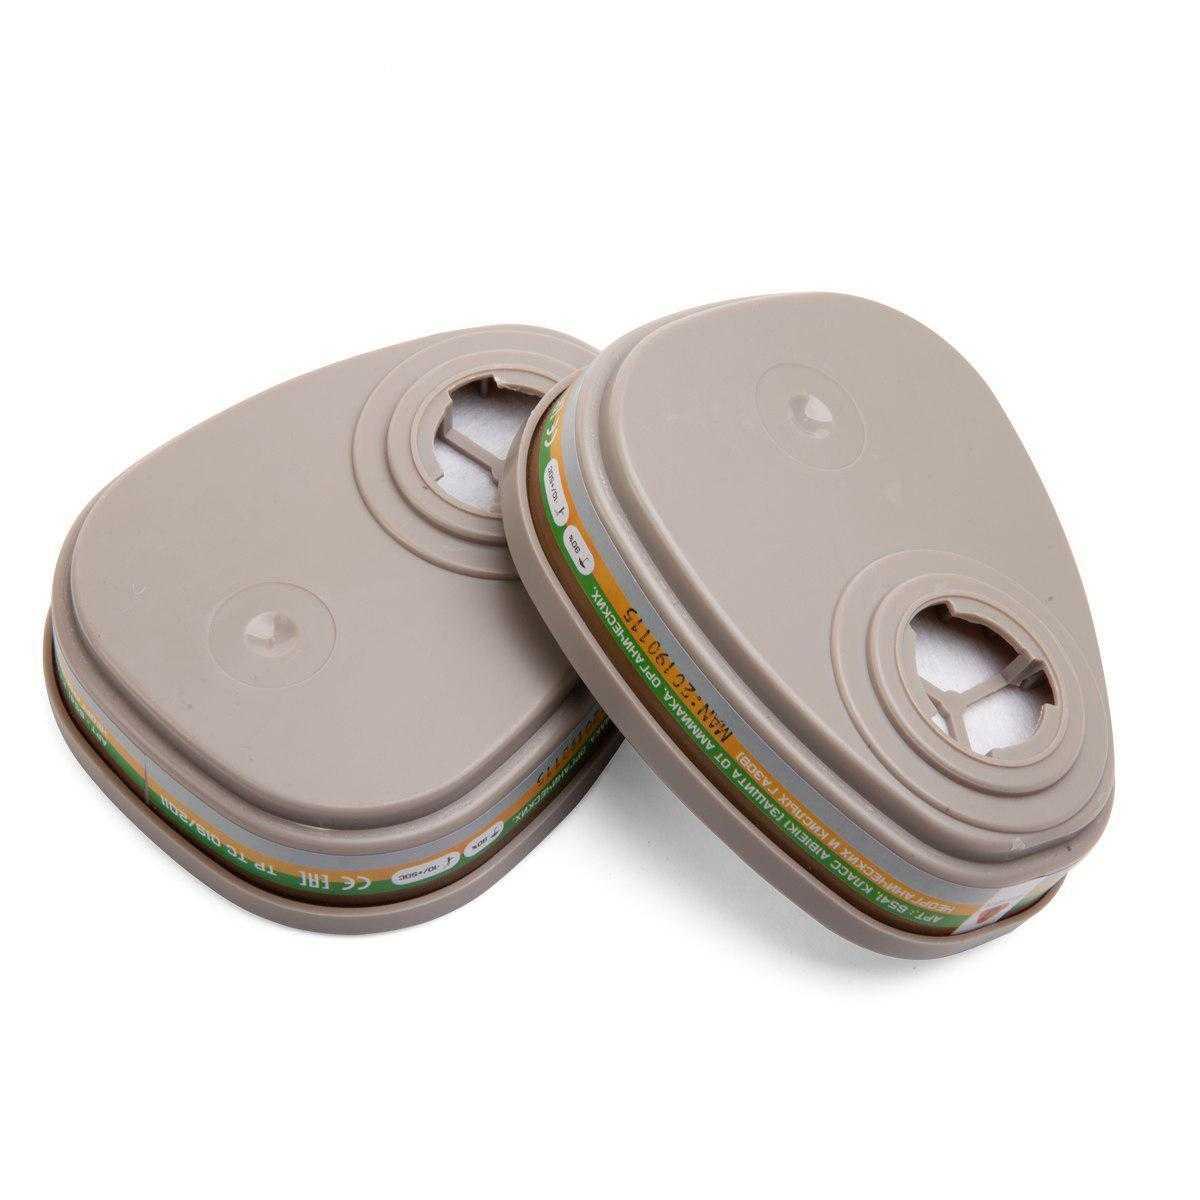 js 6541 pair - Фильтр комбинированный для защиты от органических, неорганических кислых газов АВЕК1 6541